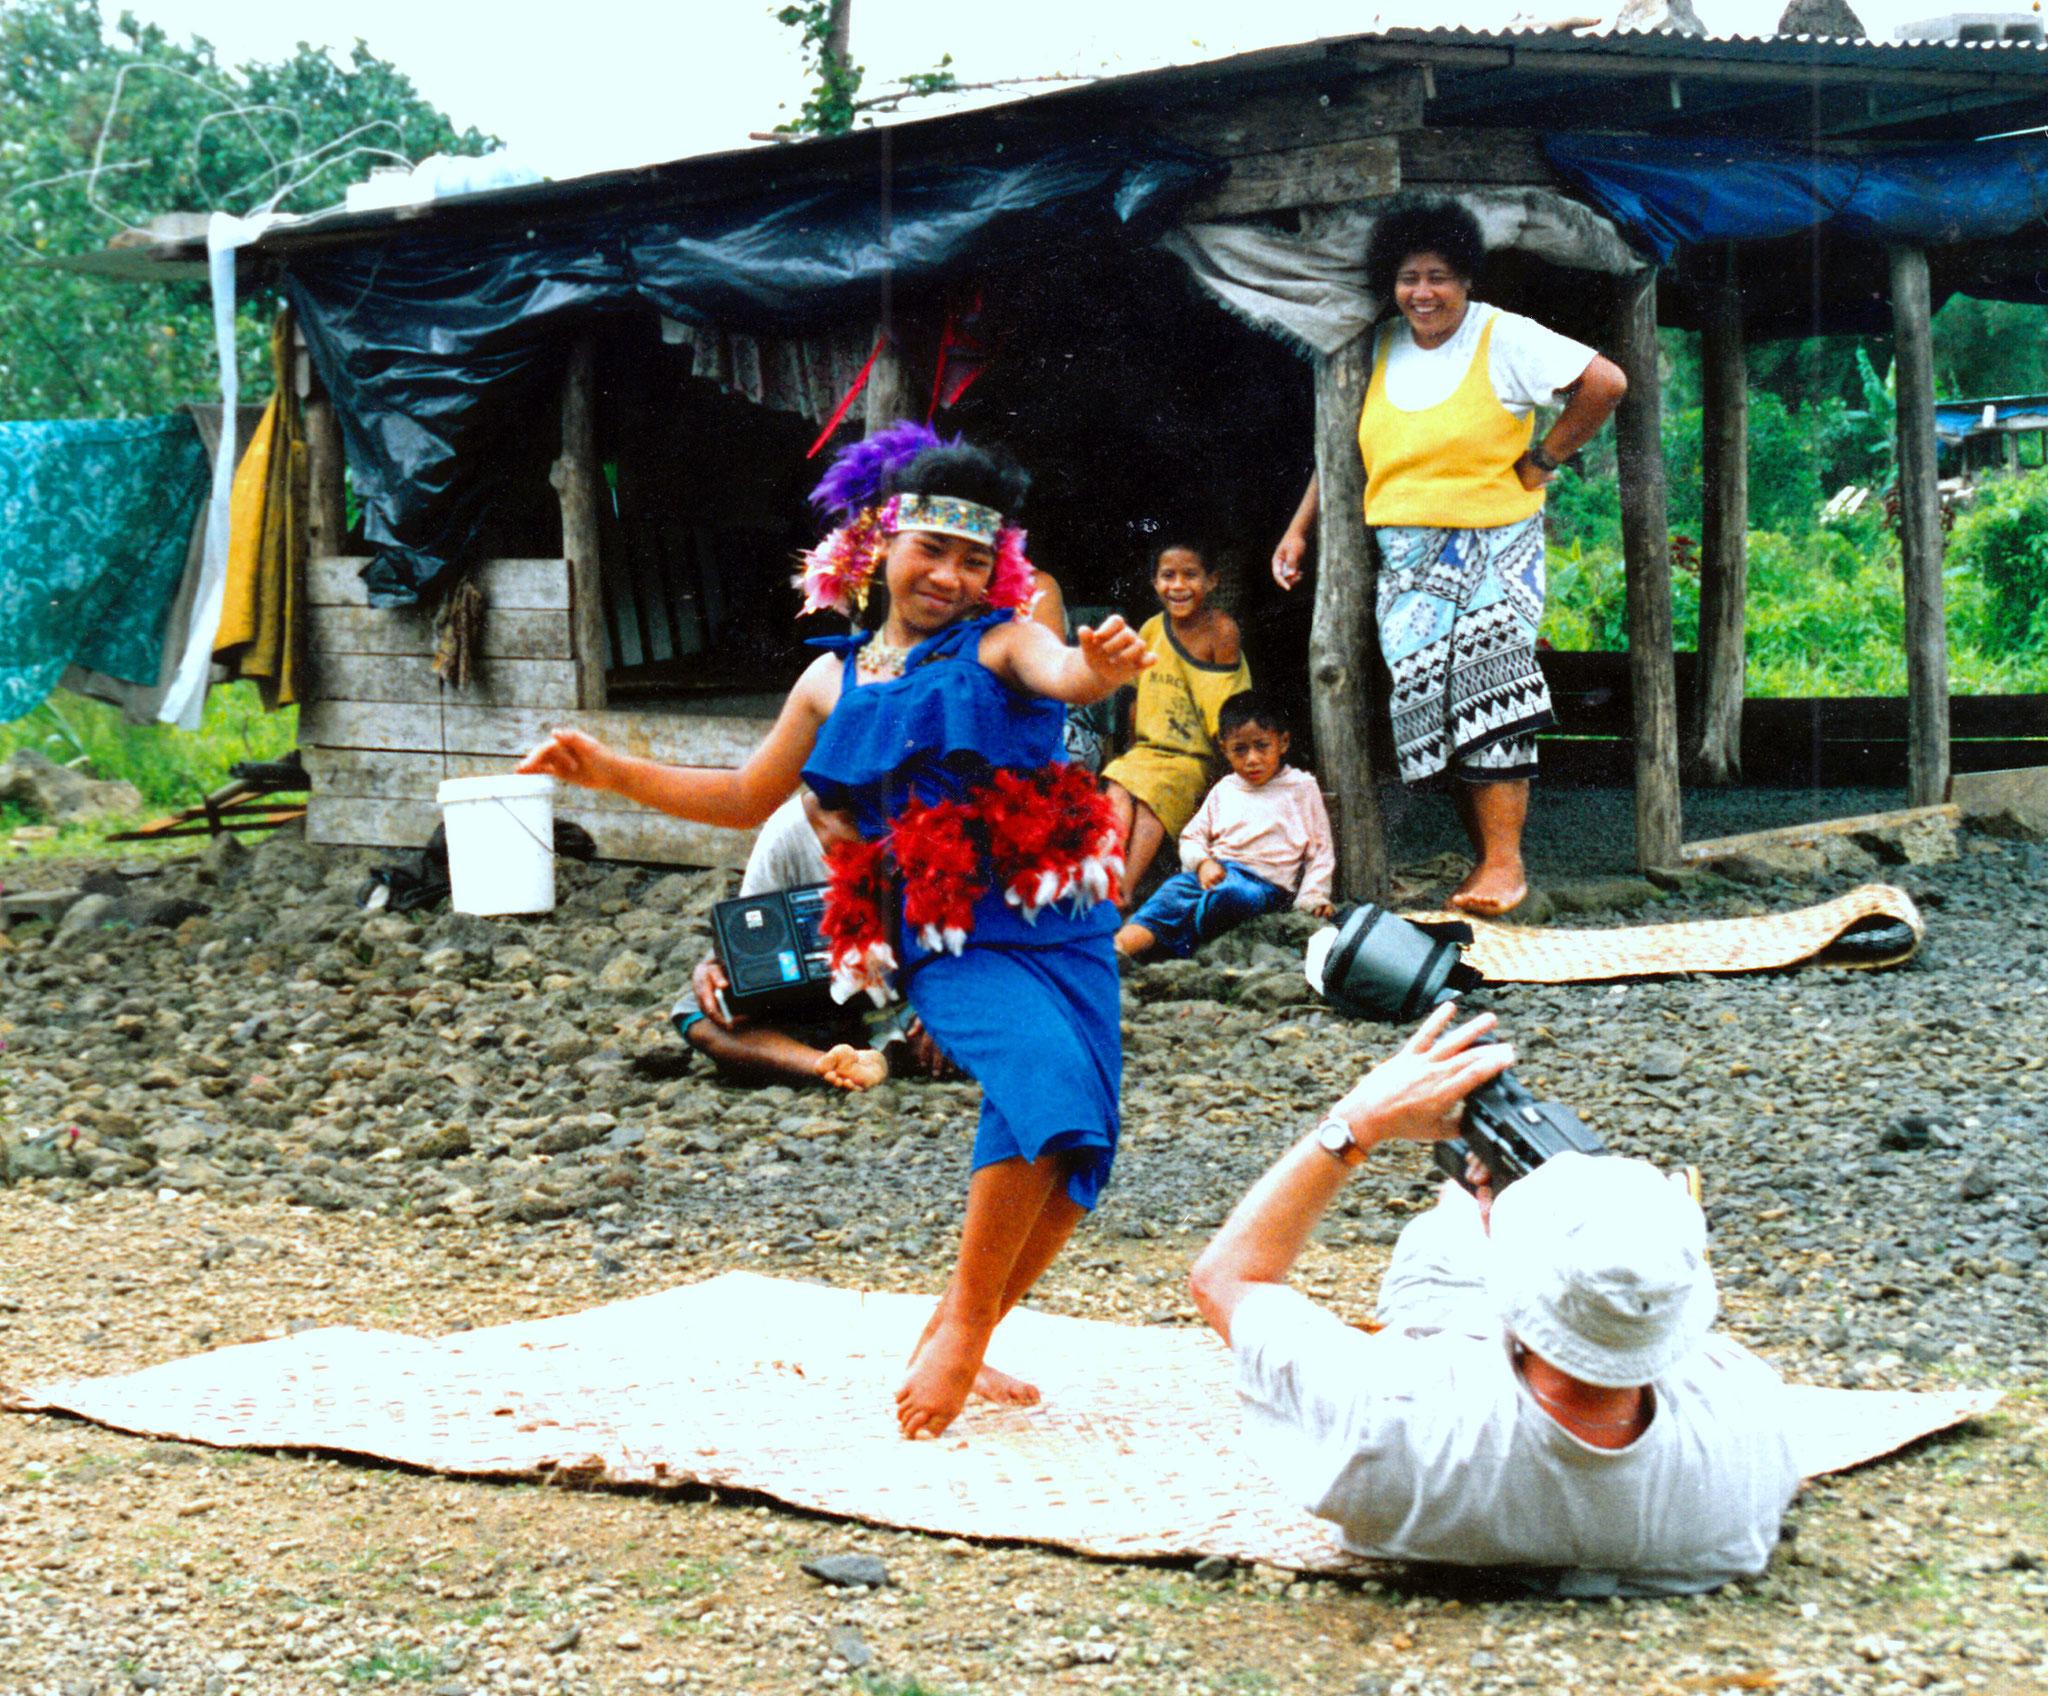 Der gerade gelernte Tanz für den Besucher, Samoa